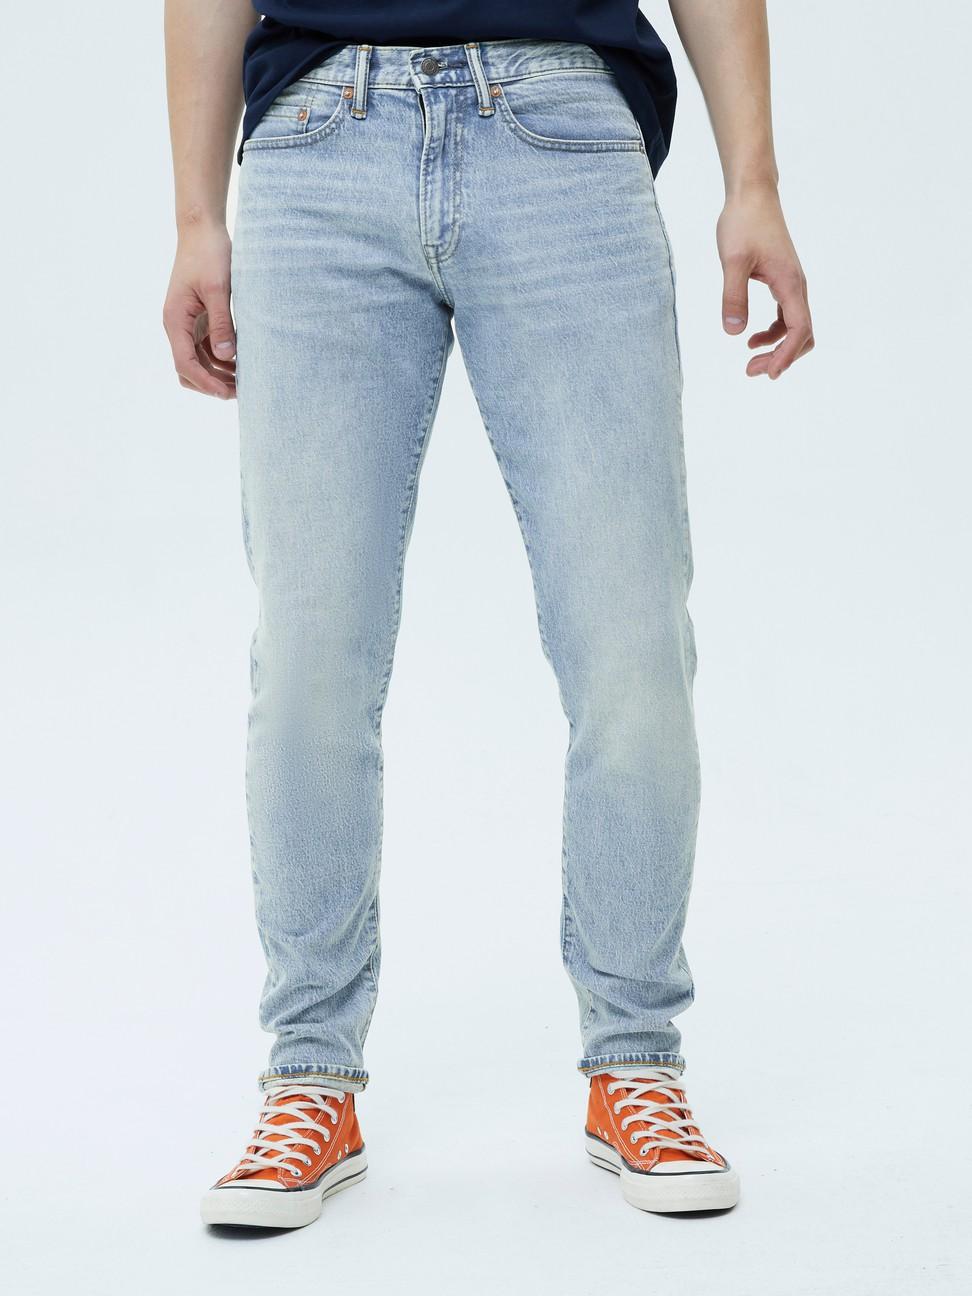 男裝 淺色水洗五口袋牛仔褲